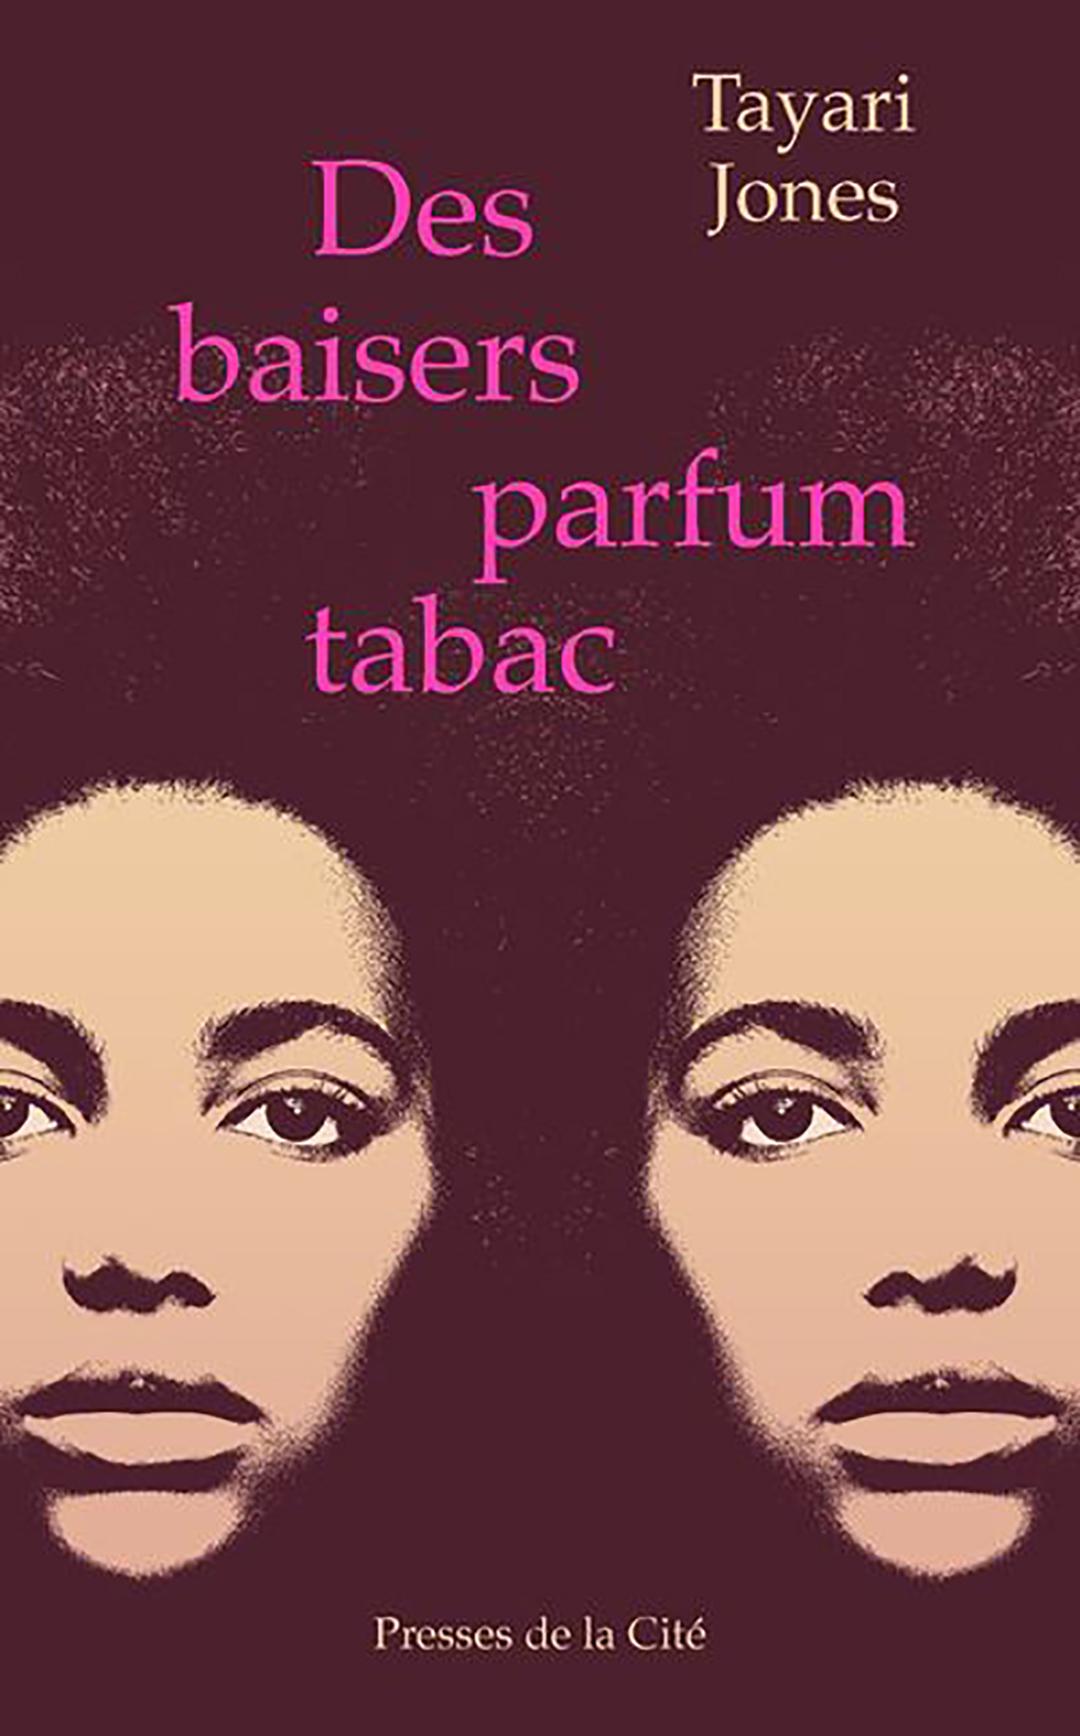 « Des baisers parfum tabac » de Tayari Jones (éd. Presses de la Cité, 348p., 21€), traduit par Karine Lalechère.